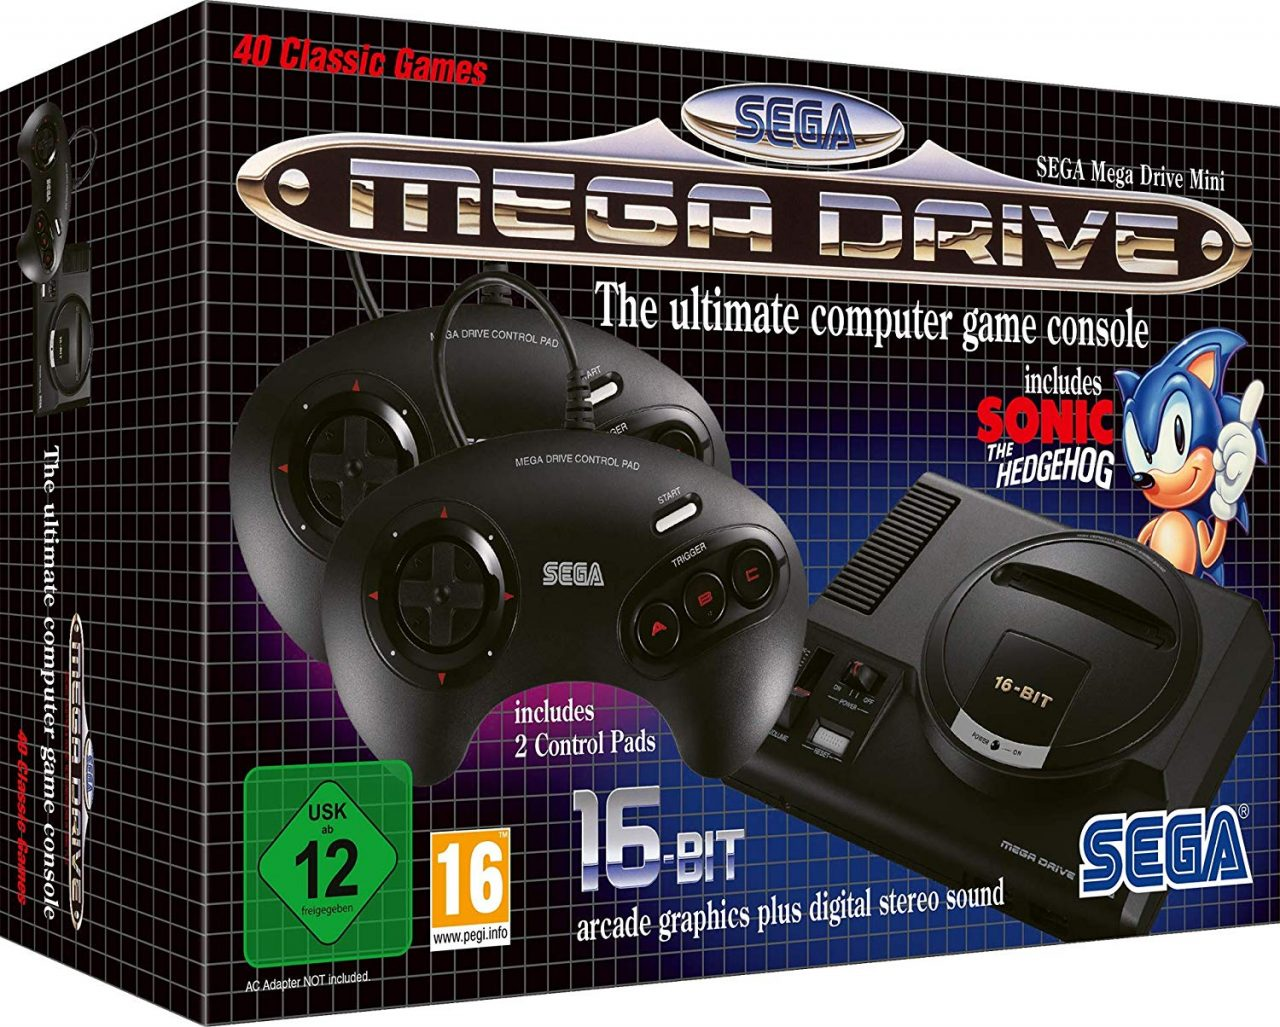 Curiosi di conoscere la lineup di giochi di SEGA Mega Drive Mini? Ecco altri 10 titoli inclusi